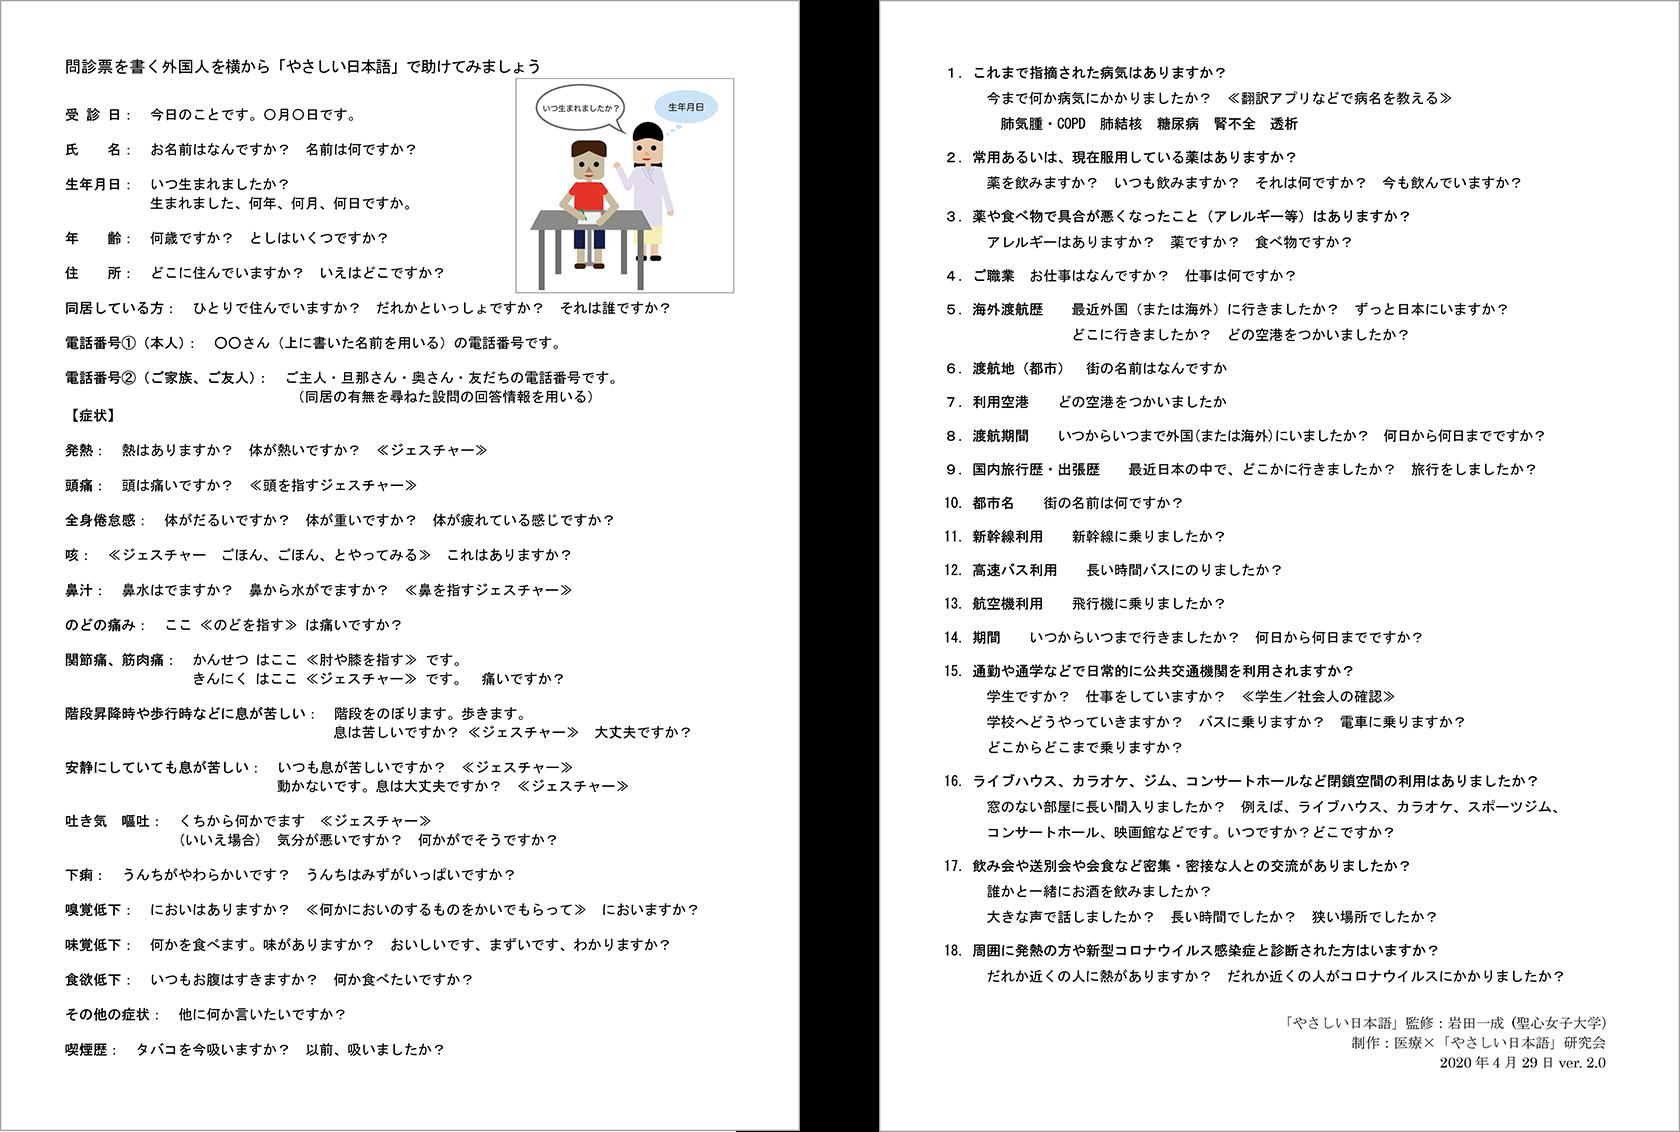 問診票やさしい日本語言い換え版